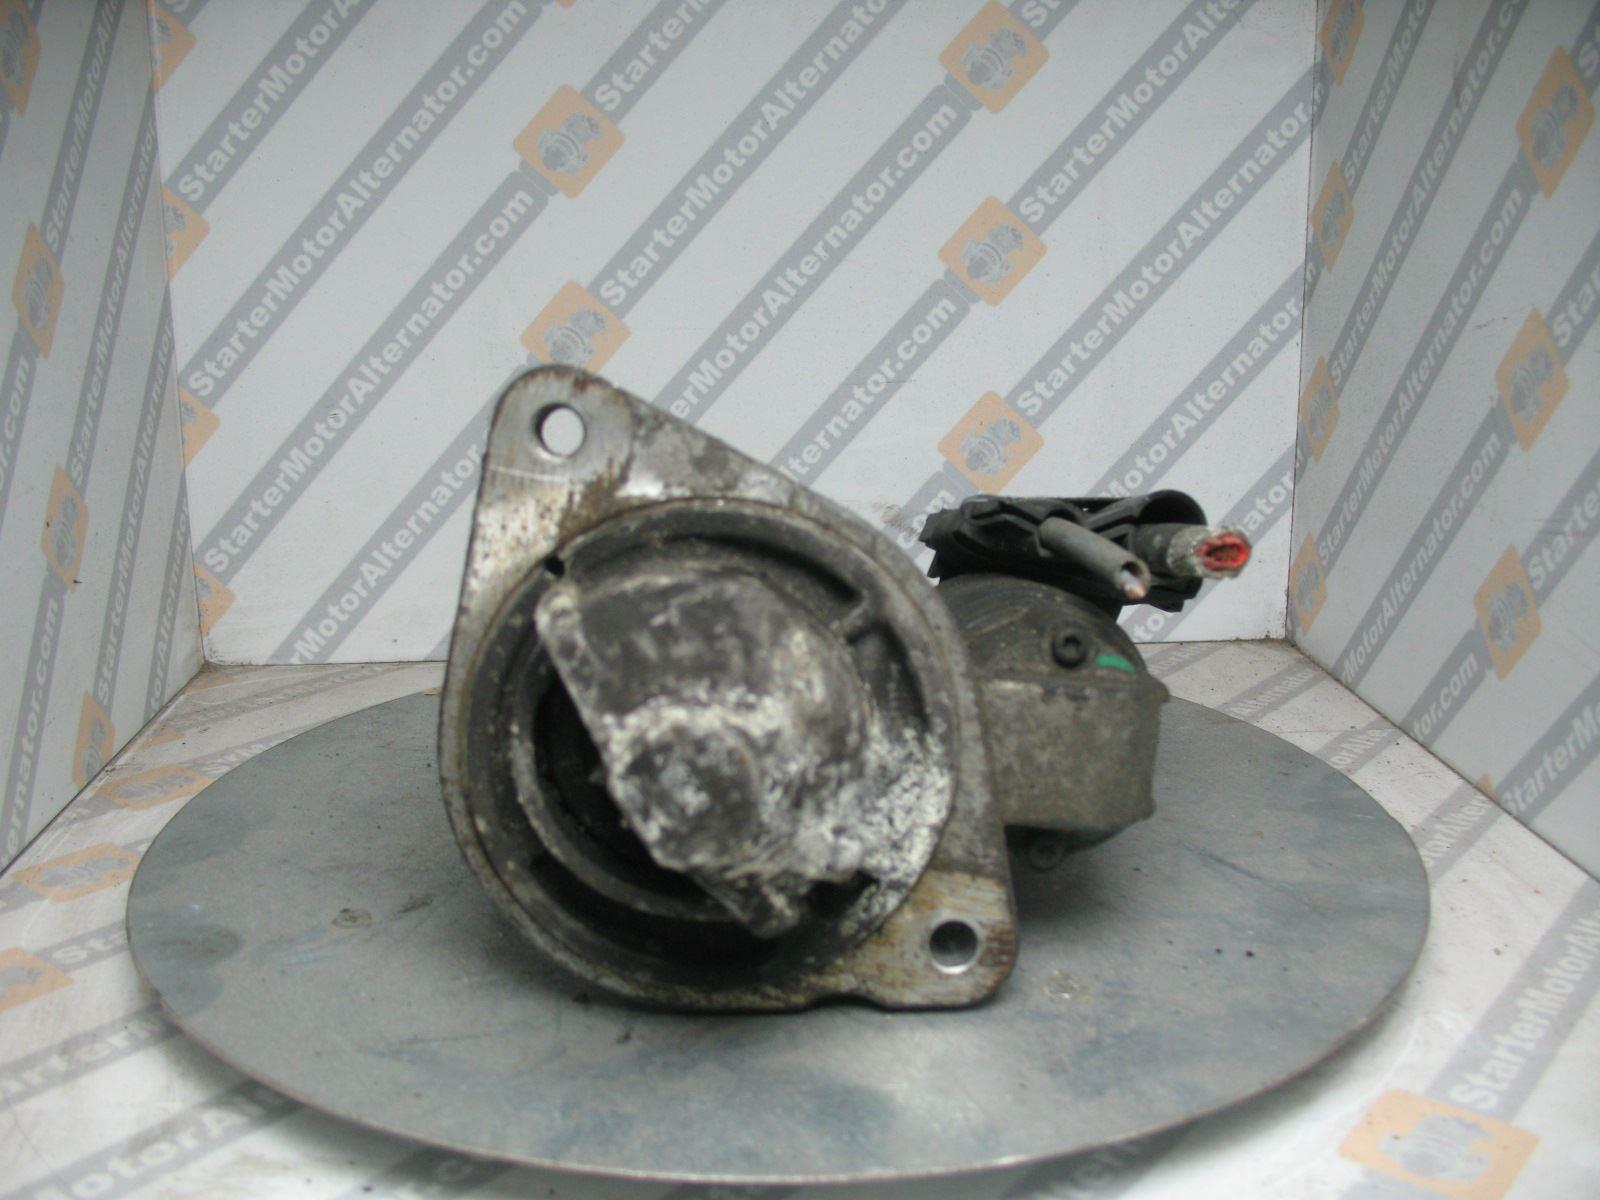 XIK2931 Alternator For Dodge / Skoda / Volkswagen